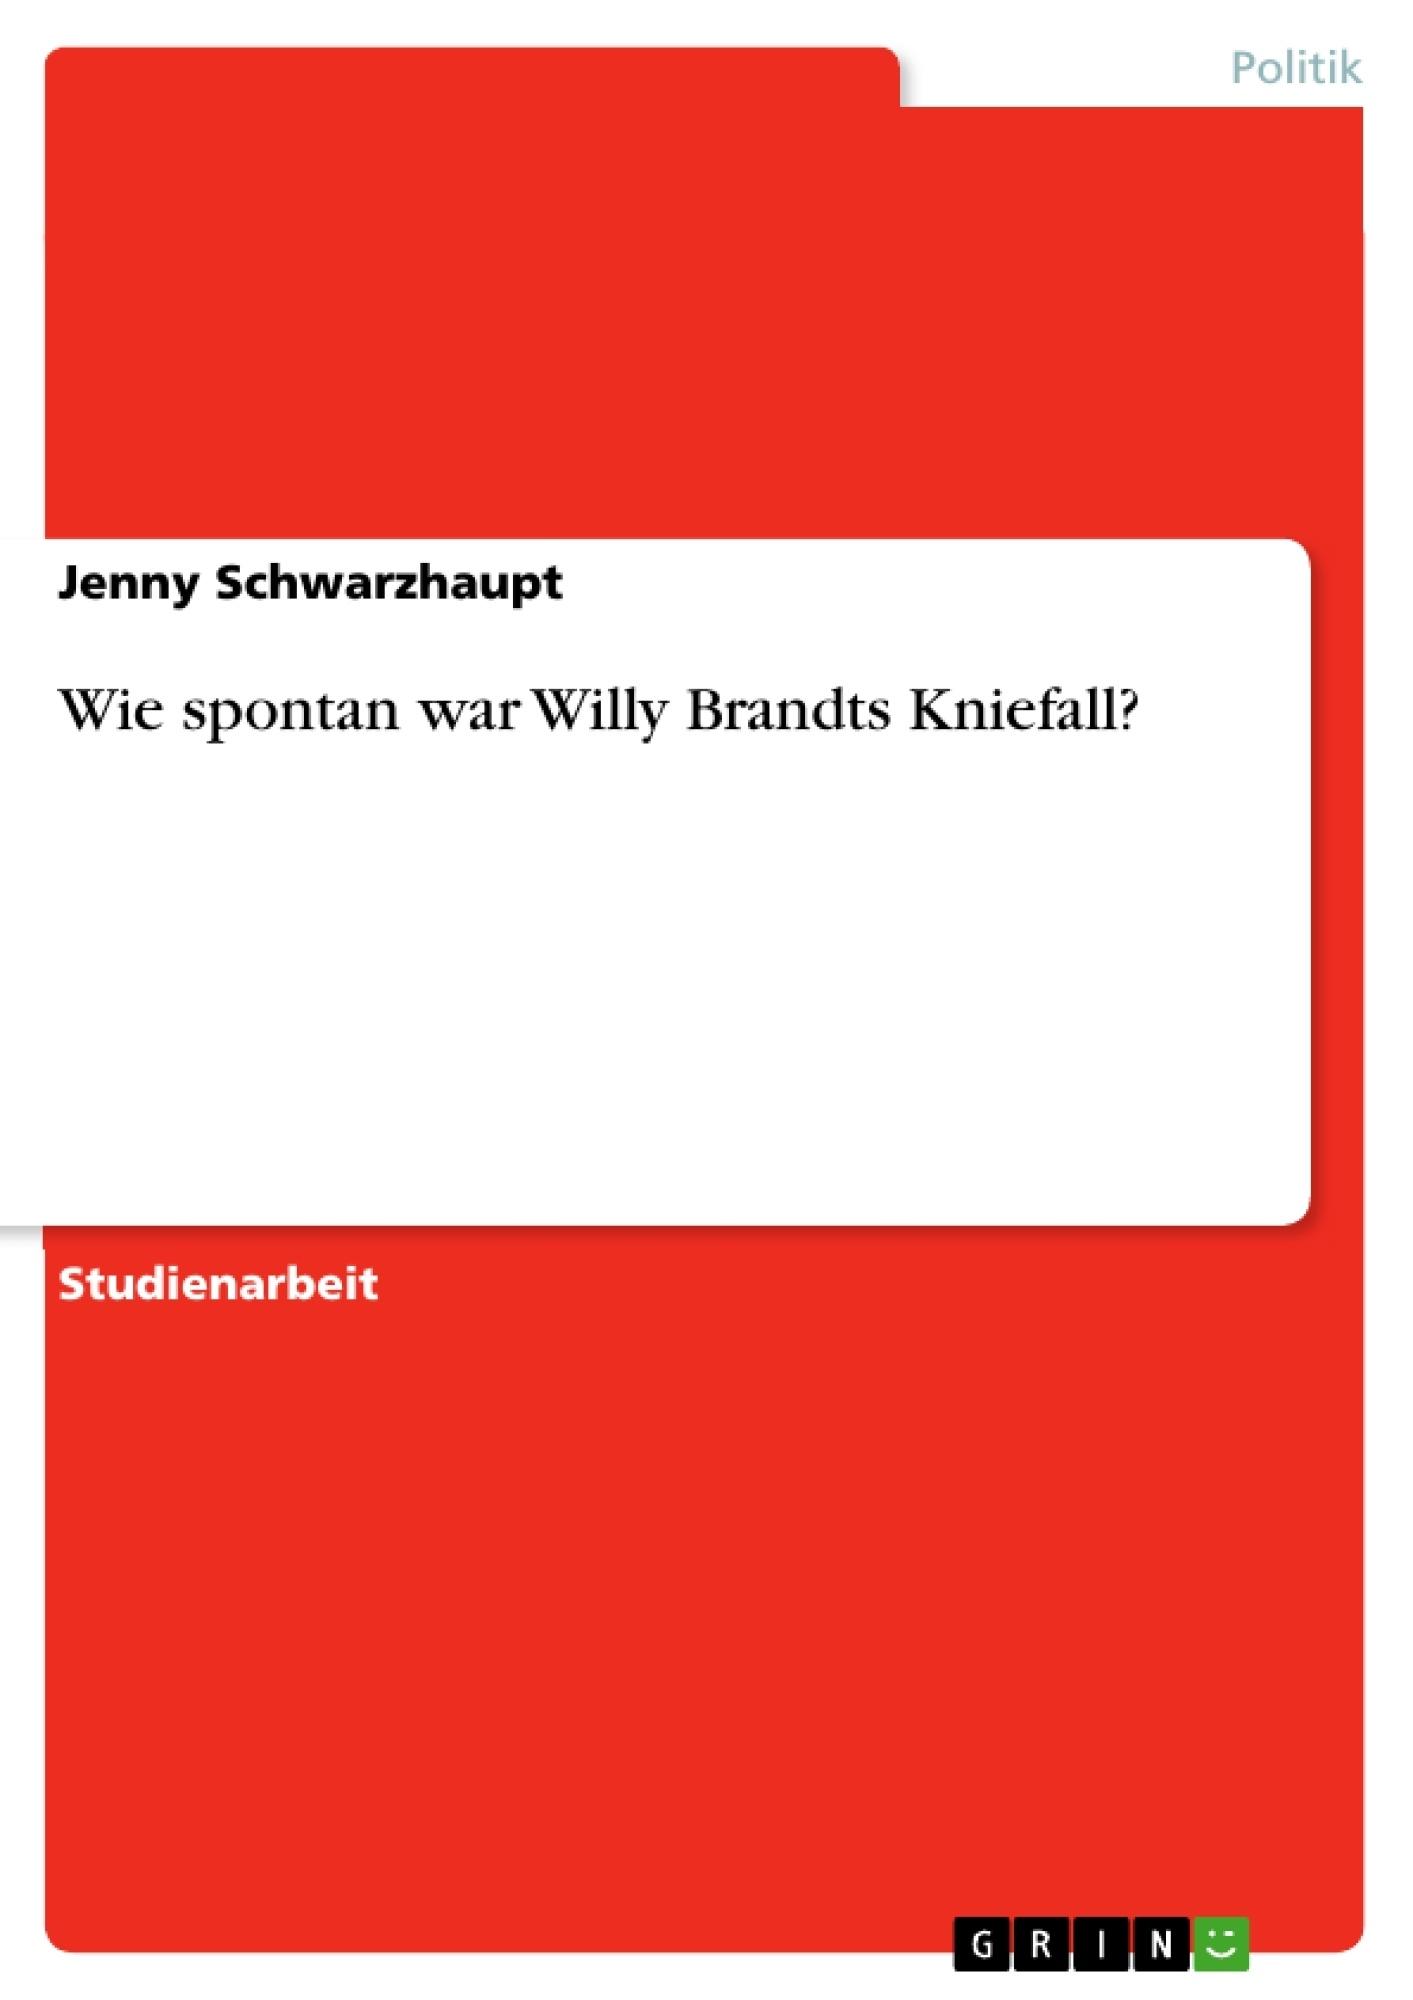 Titel: Wie spontan war Willy Brandts Kniefall?